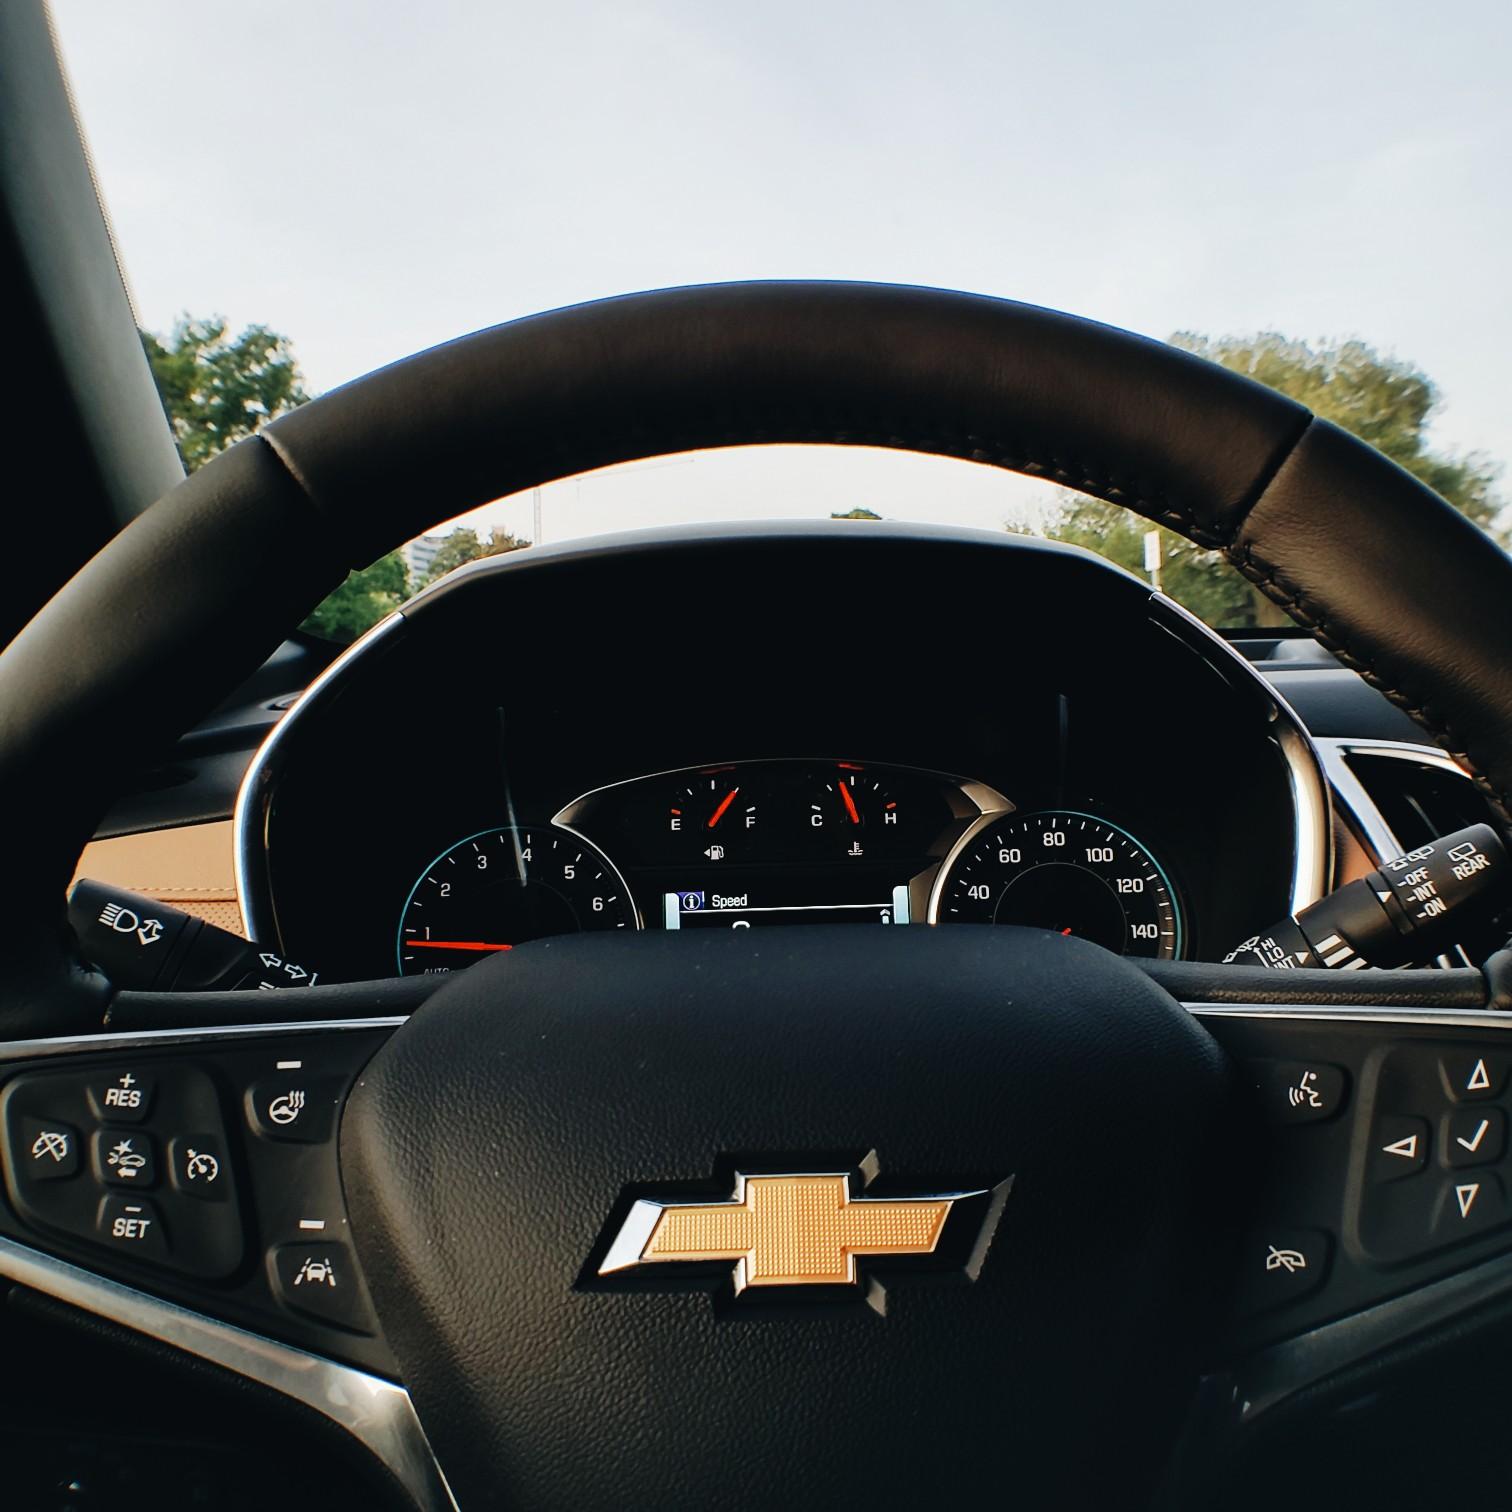 2018 Chevrolet Premiere Equinox Car Review